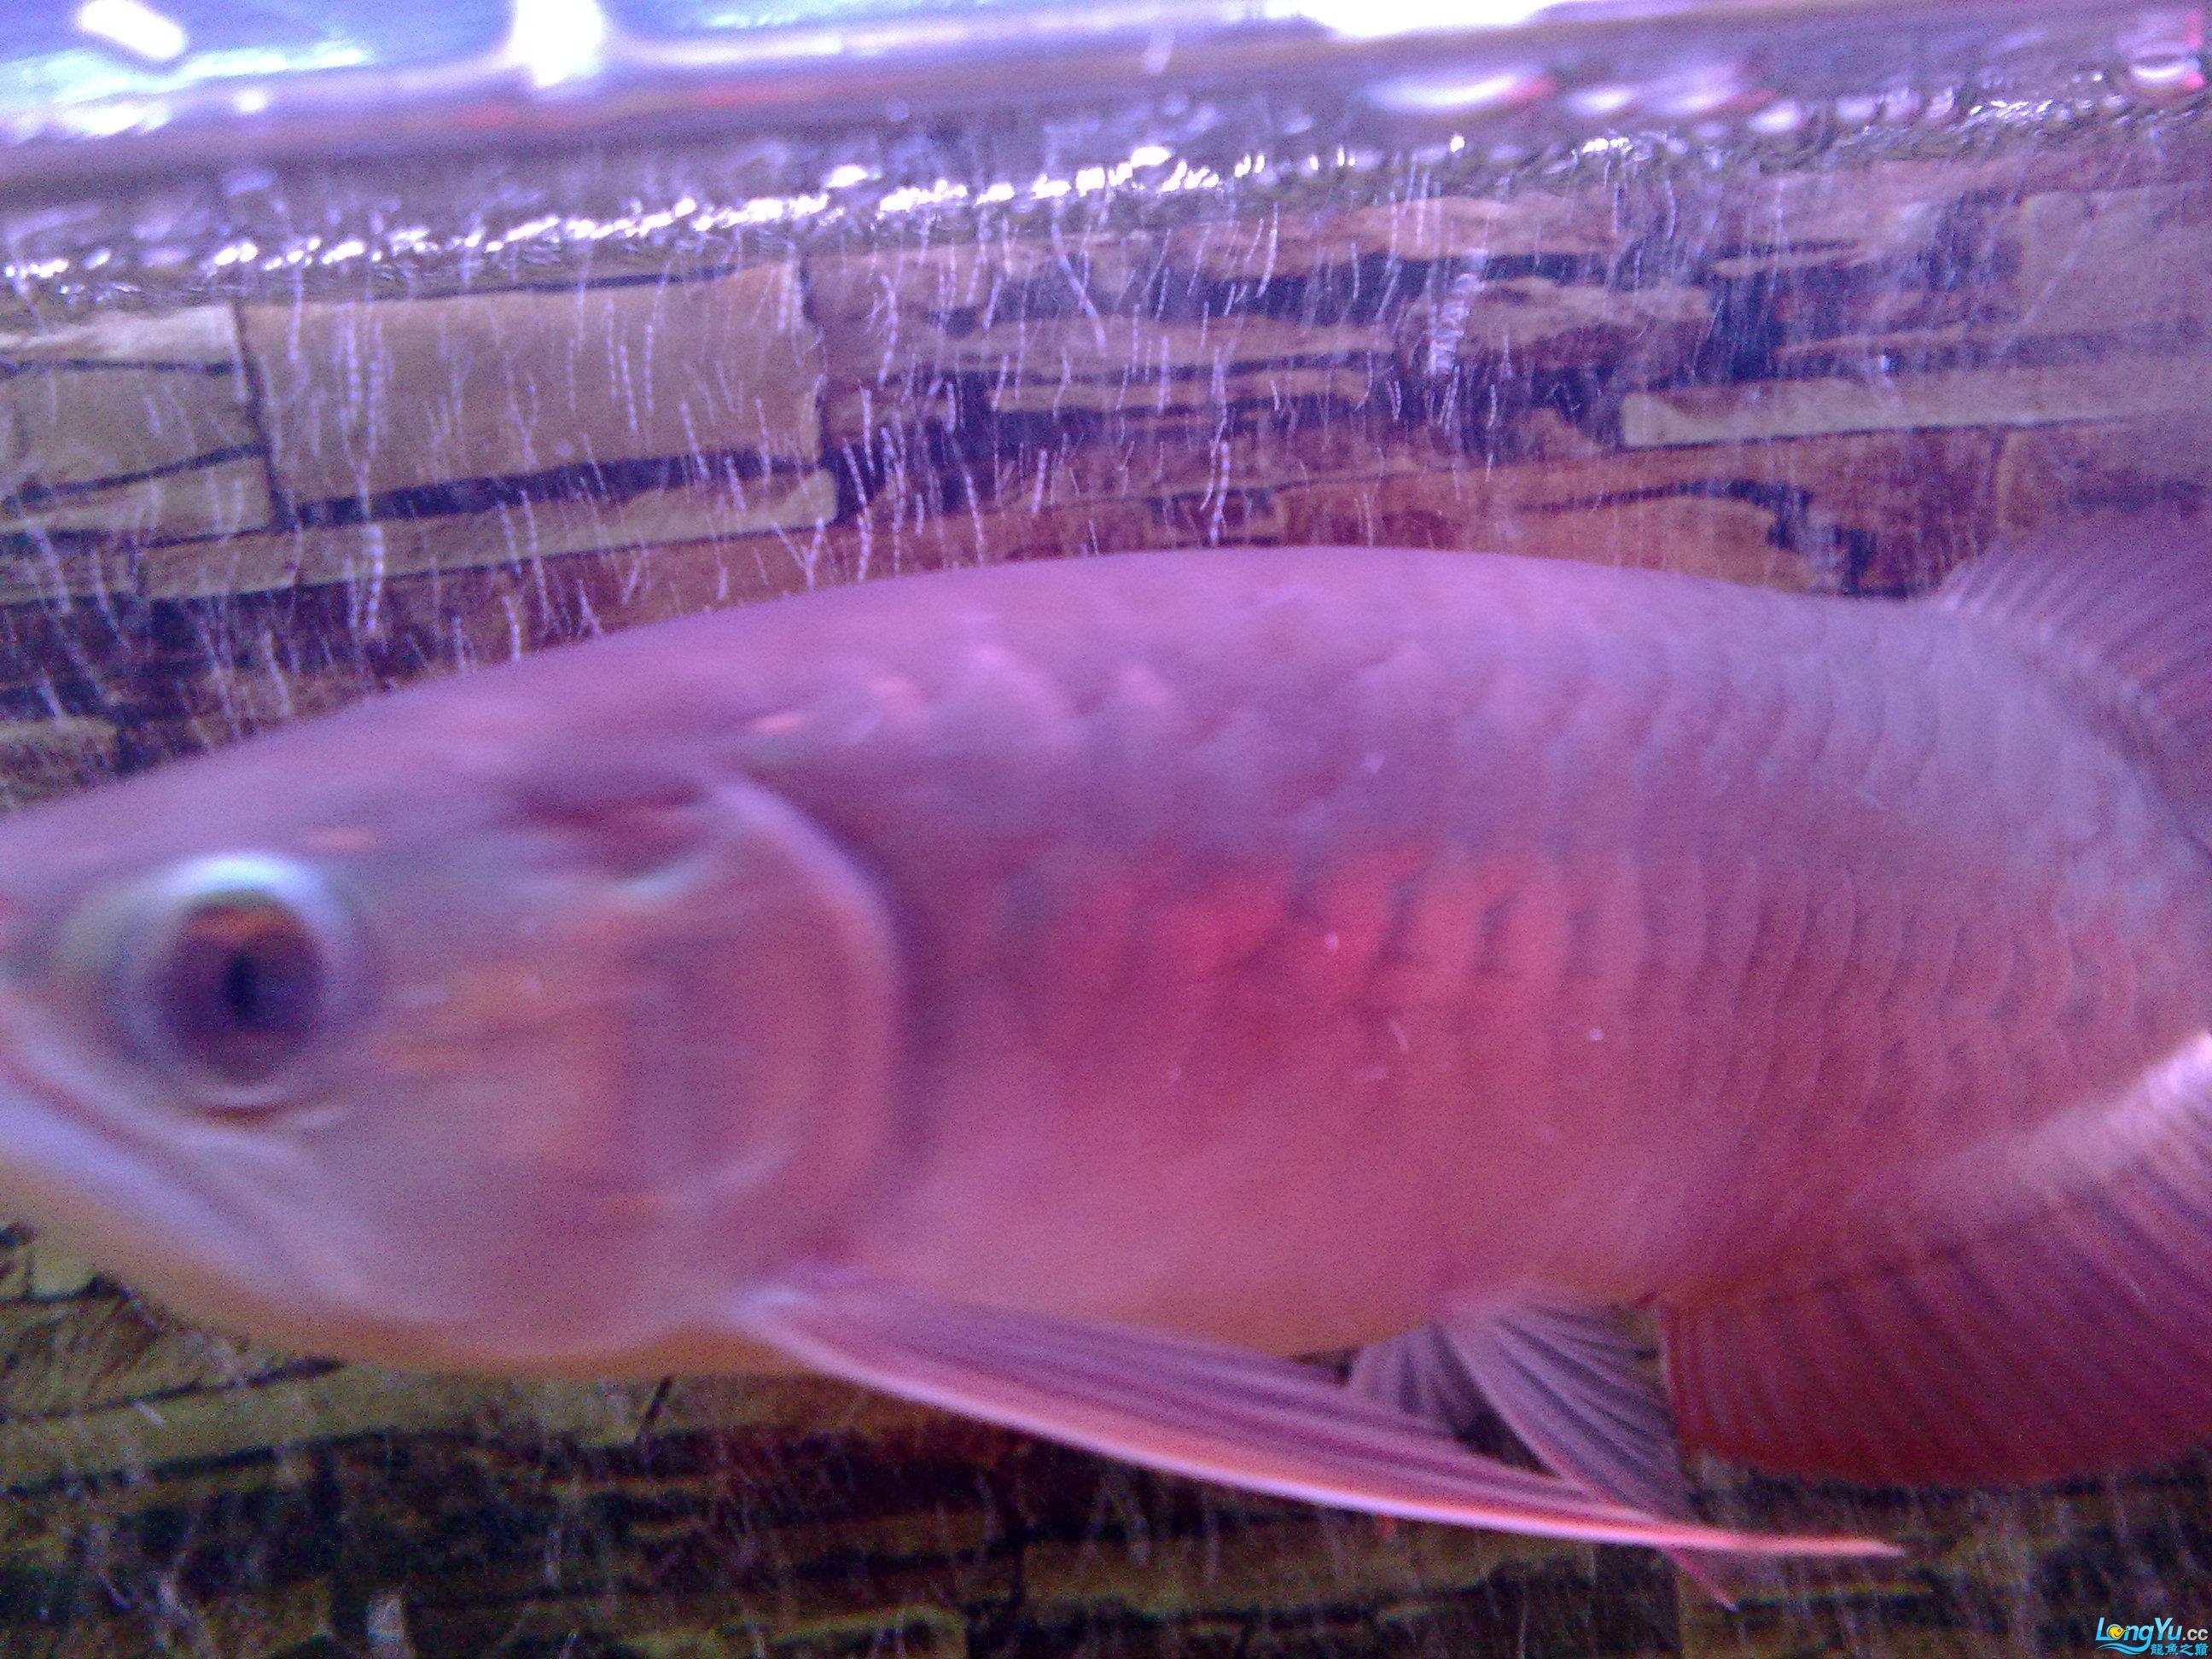 看看这只到底是红龙还是宝石! 绵阳龙鱼论坛 绵阳水族批发市场第2张